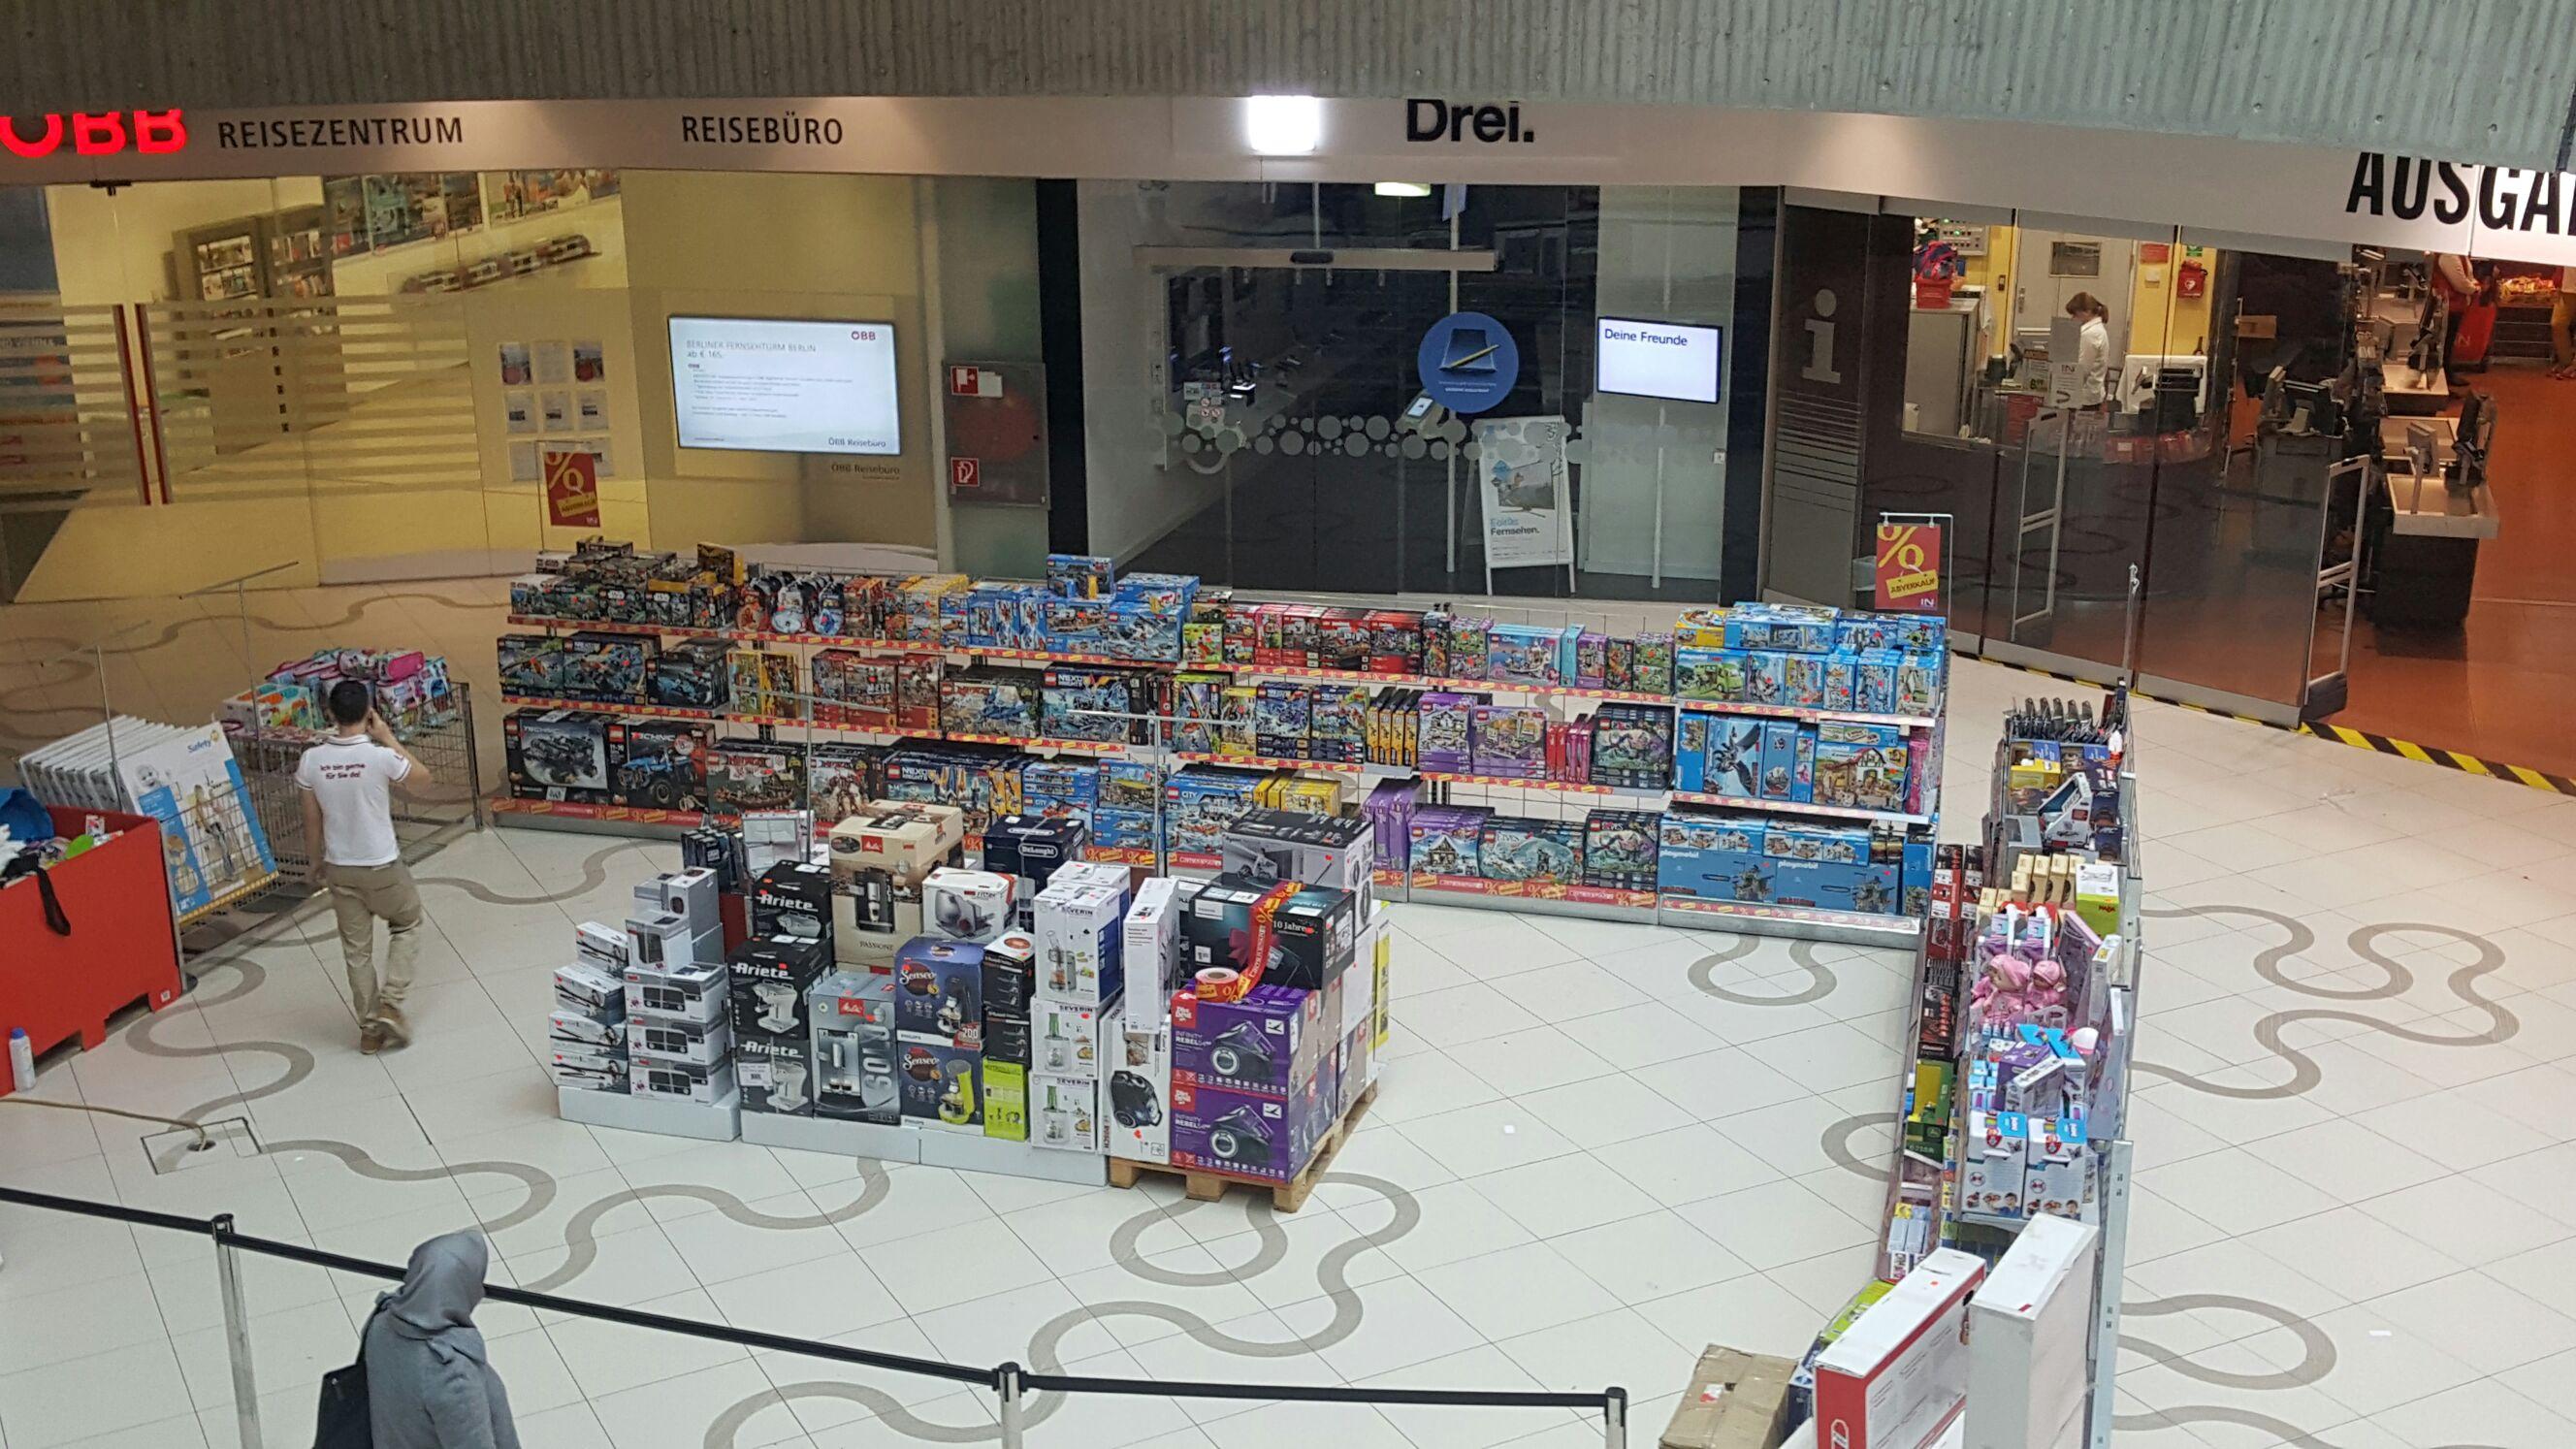 [Interspar Wien Mitte] Spielwaren Abverkauf (LEGO, Playmobil, usw.) ALLE Lego & Playmobil Artikel günstiger als bei Geizhals. // Auch Online